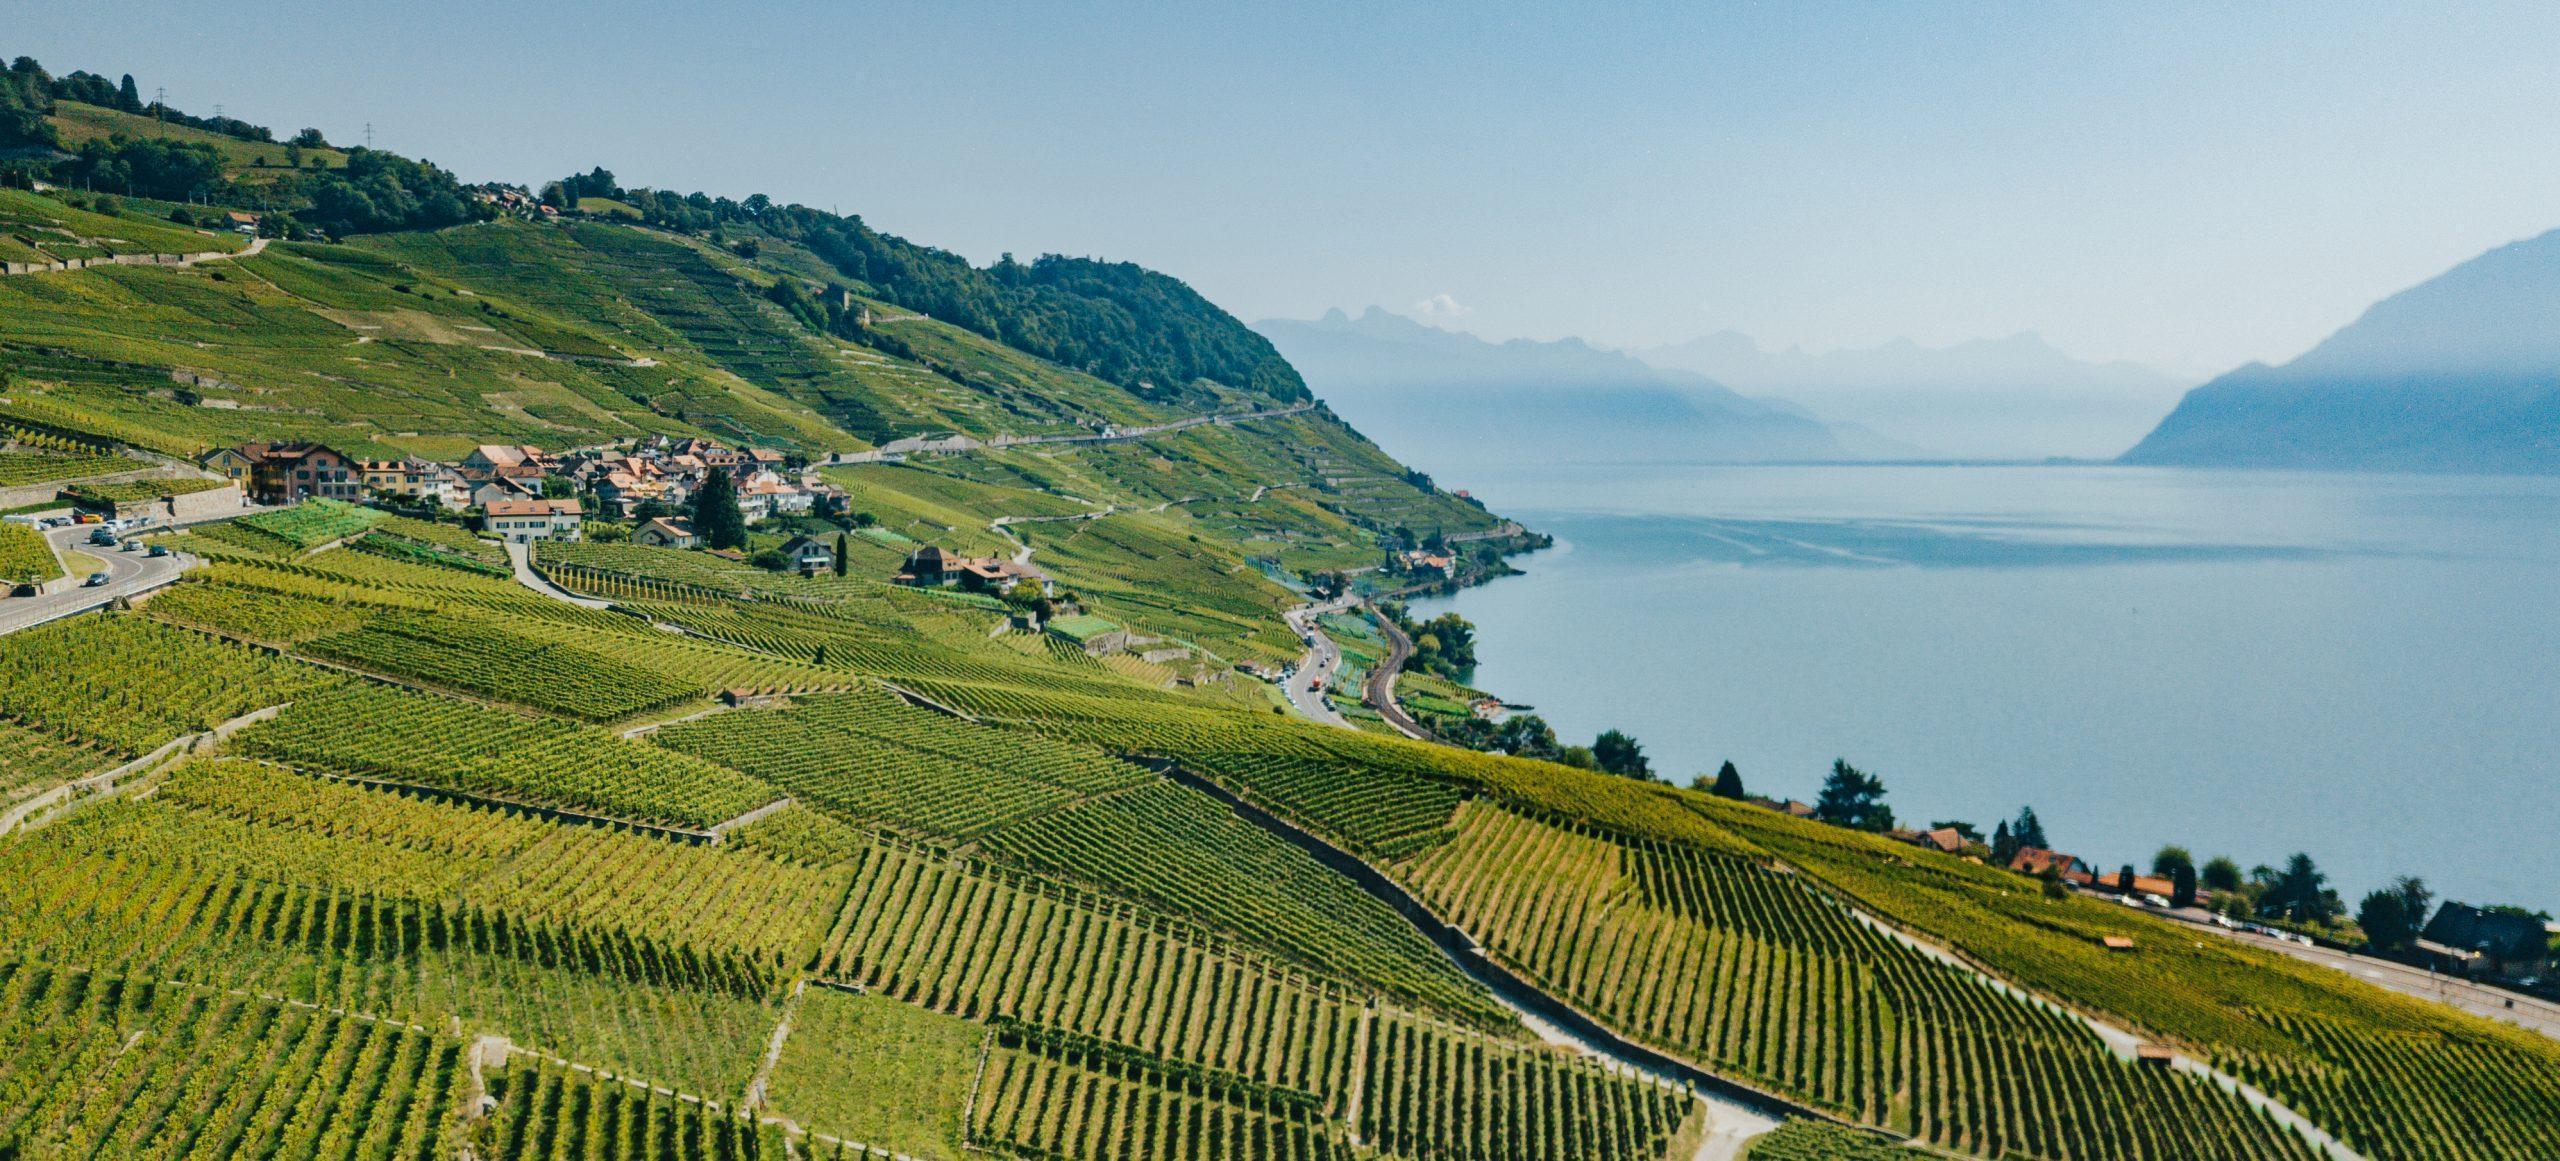 Camping am Genfersee – Der Guide für Montreux Riviera